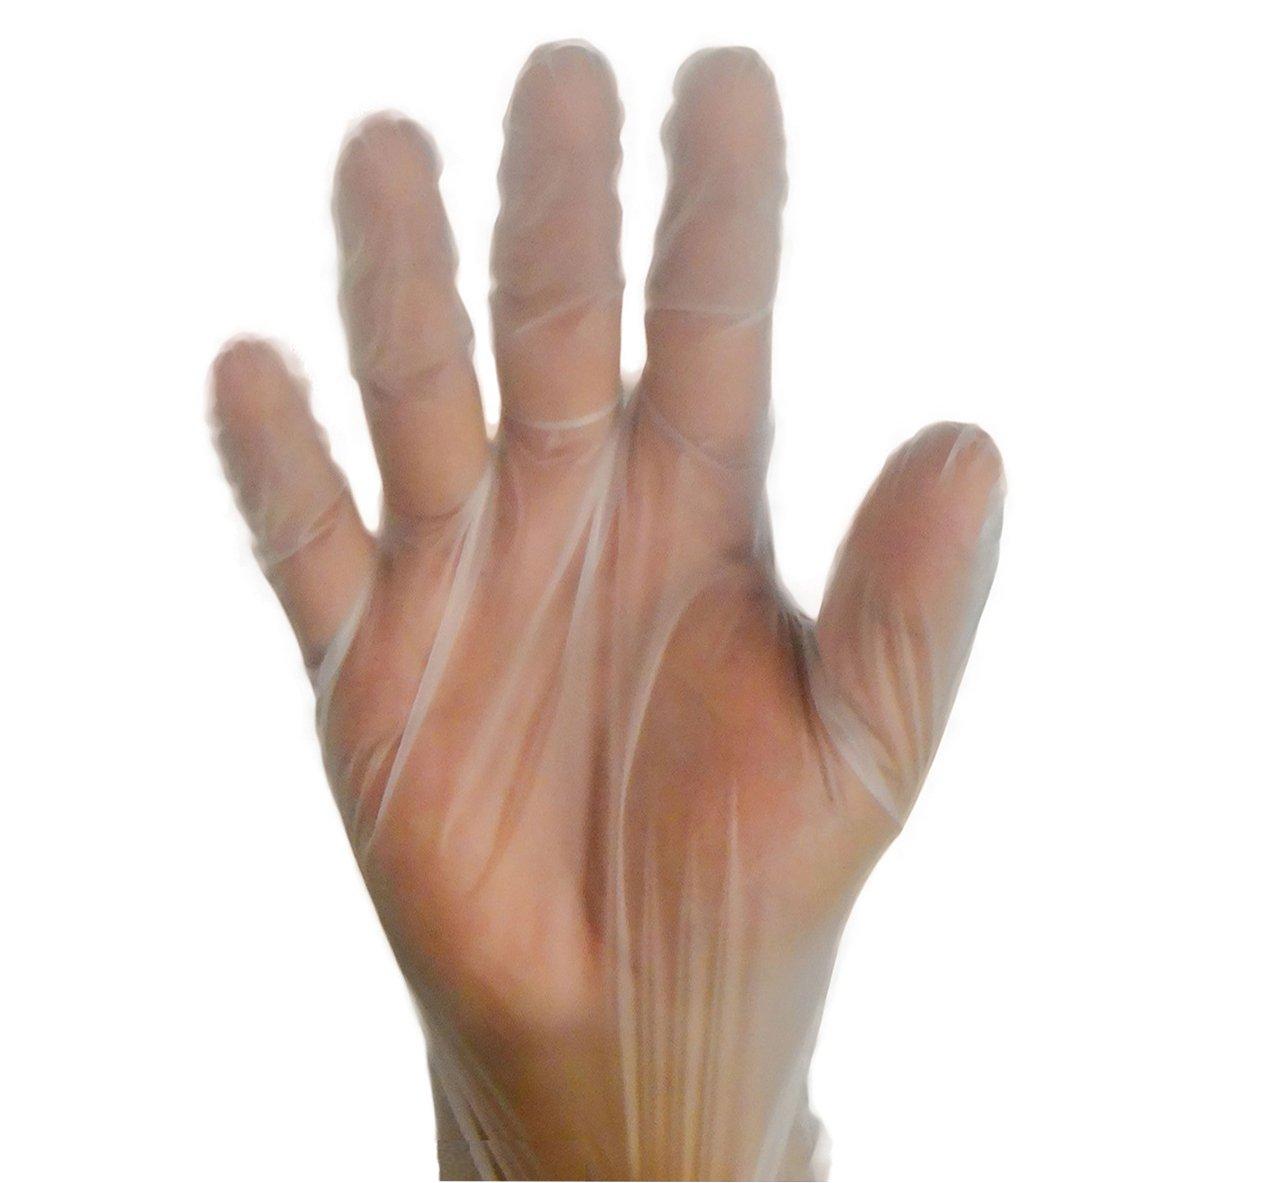 2000フードサービスパウダーフリーバイナル手袋 非医療 ラテックスフリー ビニール不使用 サイズ:Sサイズ 2000個 = 2ケース B01AK35S94